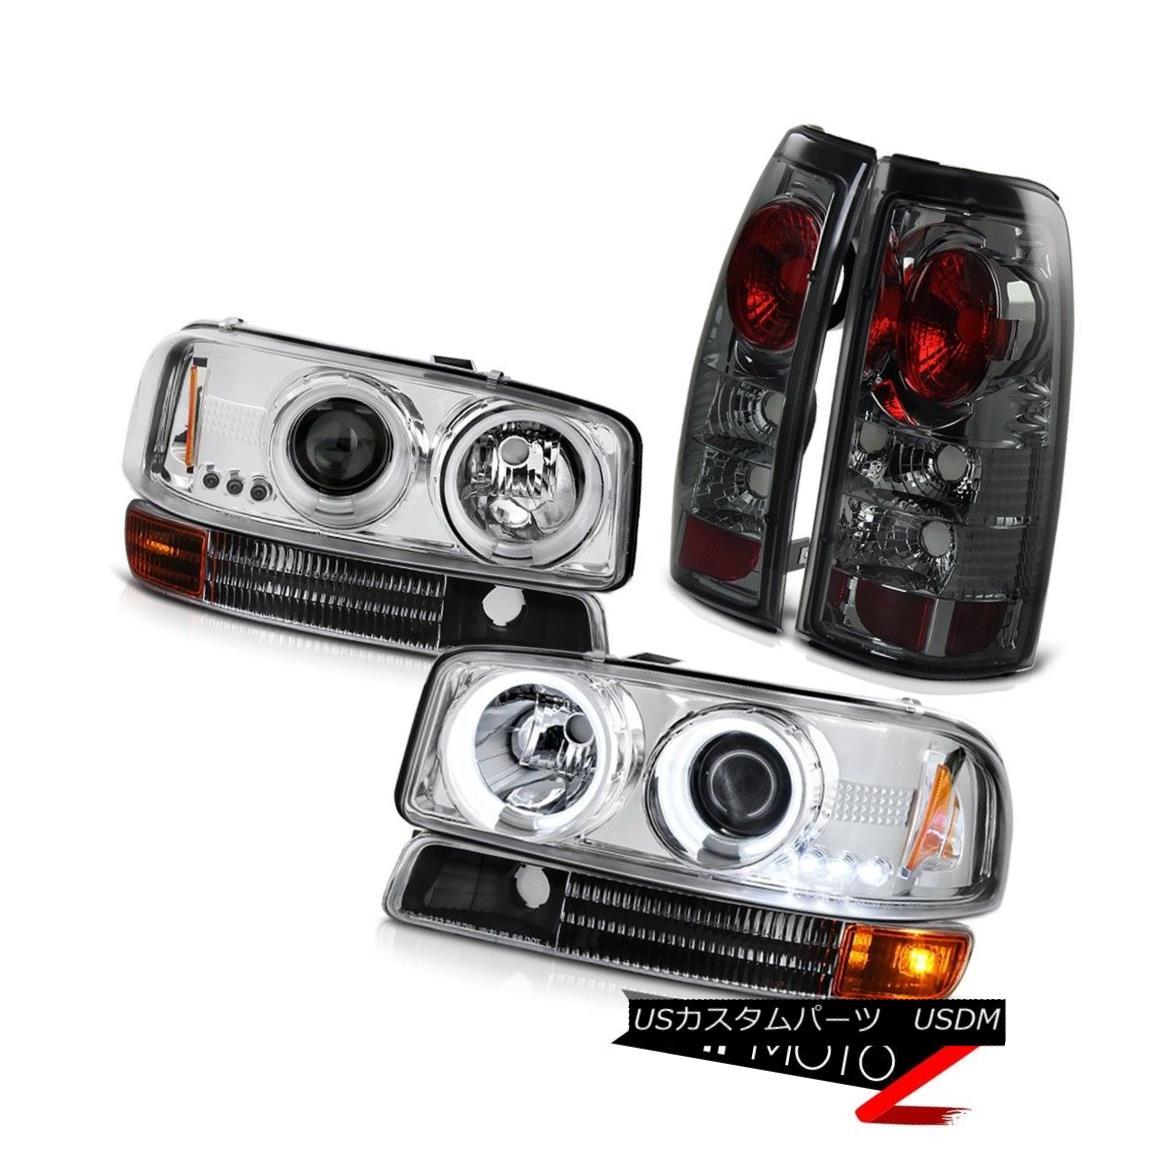 ヘッドライト 99-03 Sierra 2500 3500 Clear CCFL Halo Headlights Parking Tint Brake Tail Lights 99-03 Sierra 2500 3500クリアCCFL Haloヘッドライトパーキングティントブレーキテールライト